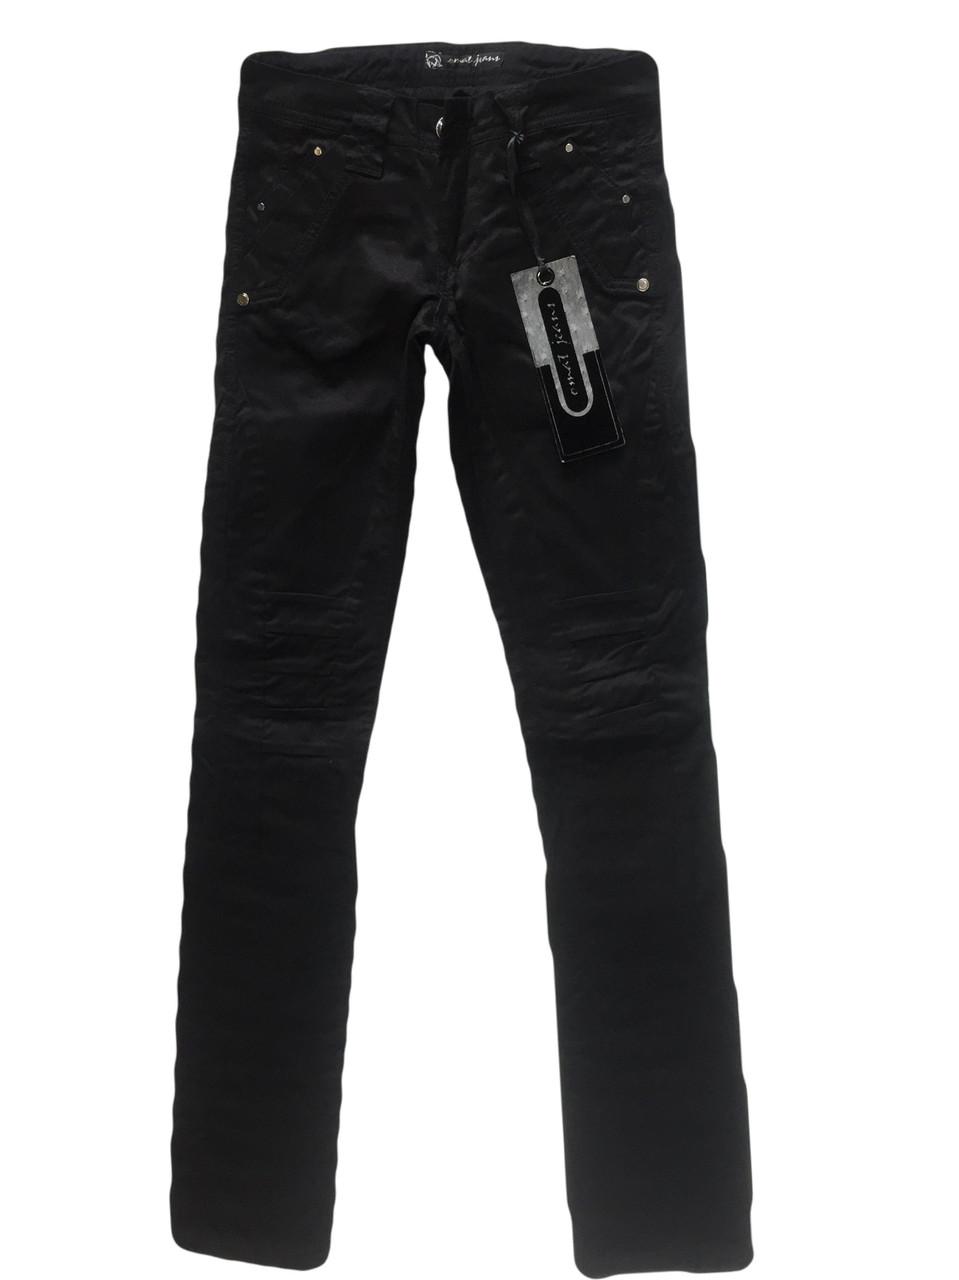 4125e642c51 Стрейчевые чёрные джинсы Омат 9570 - Интернет-магазин Myjeans в Одессе